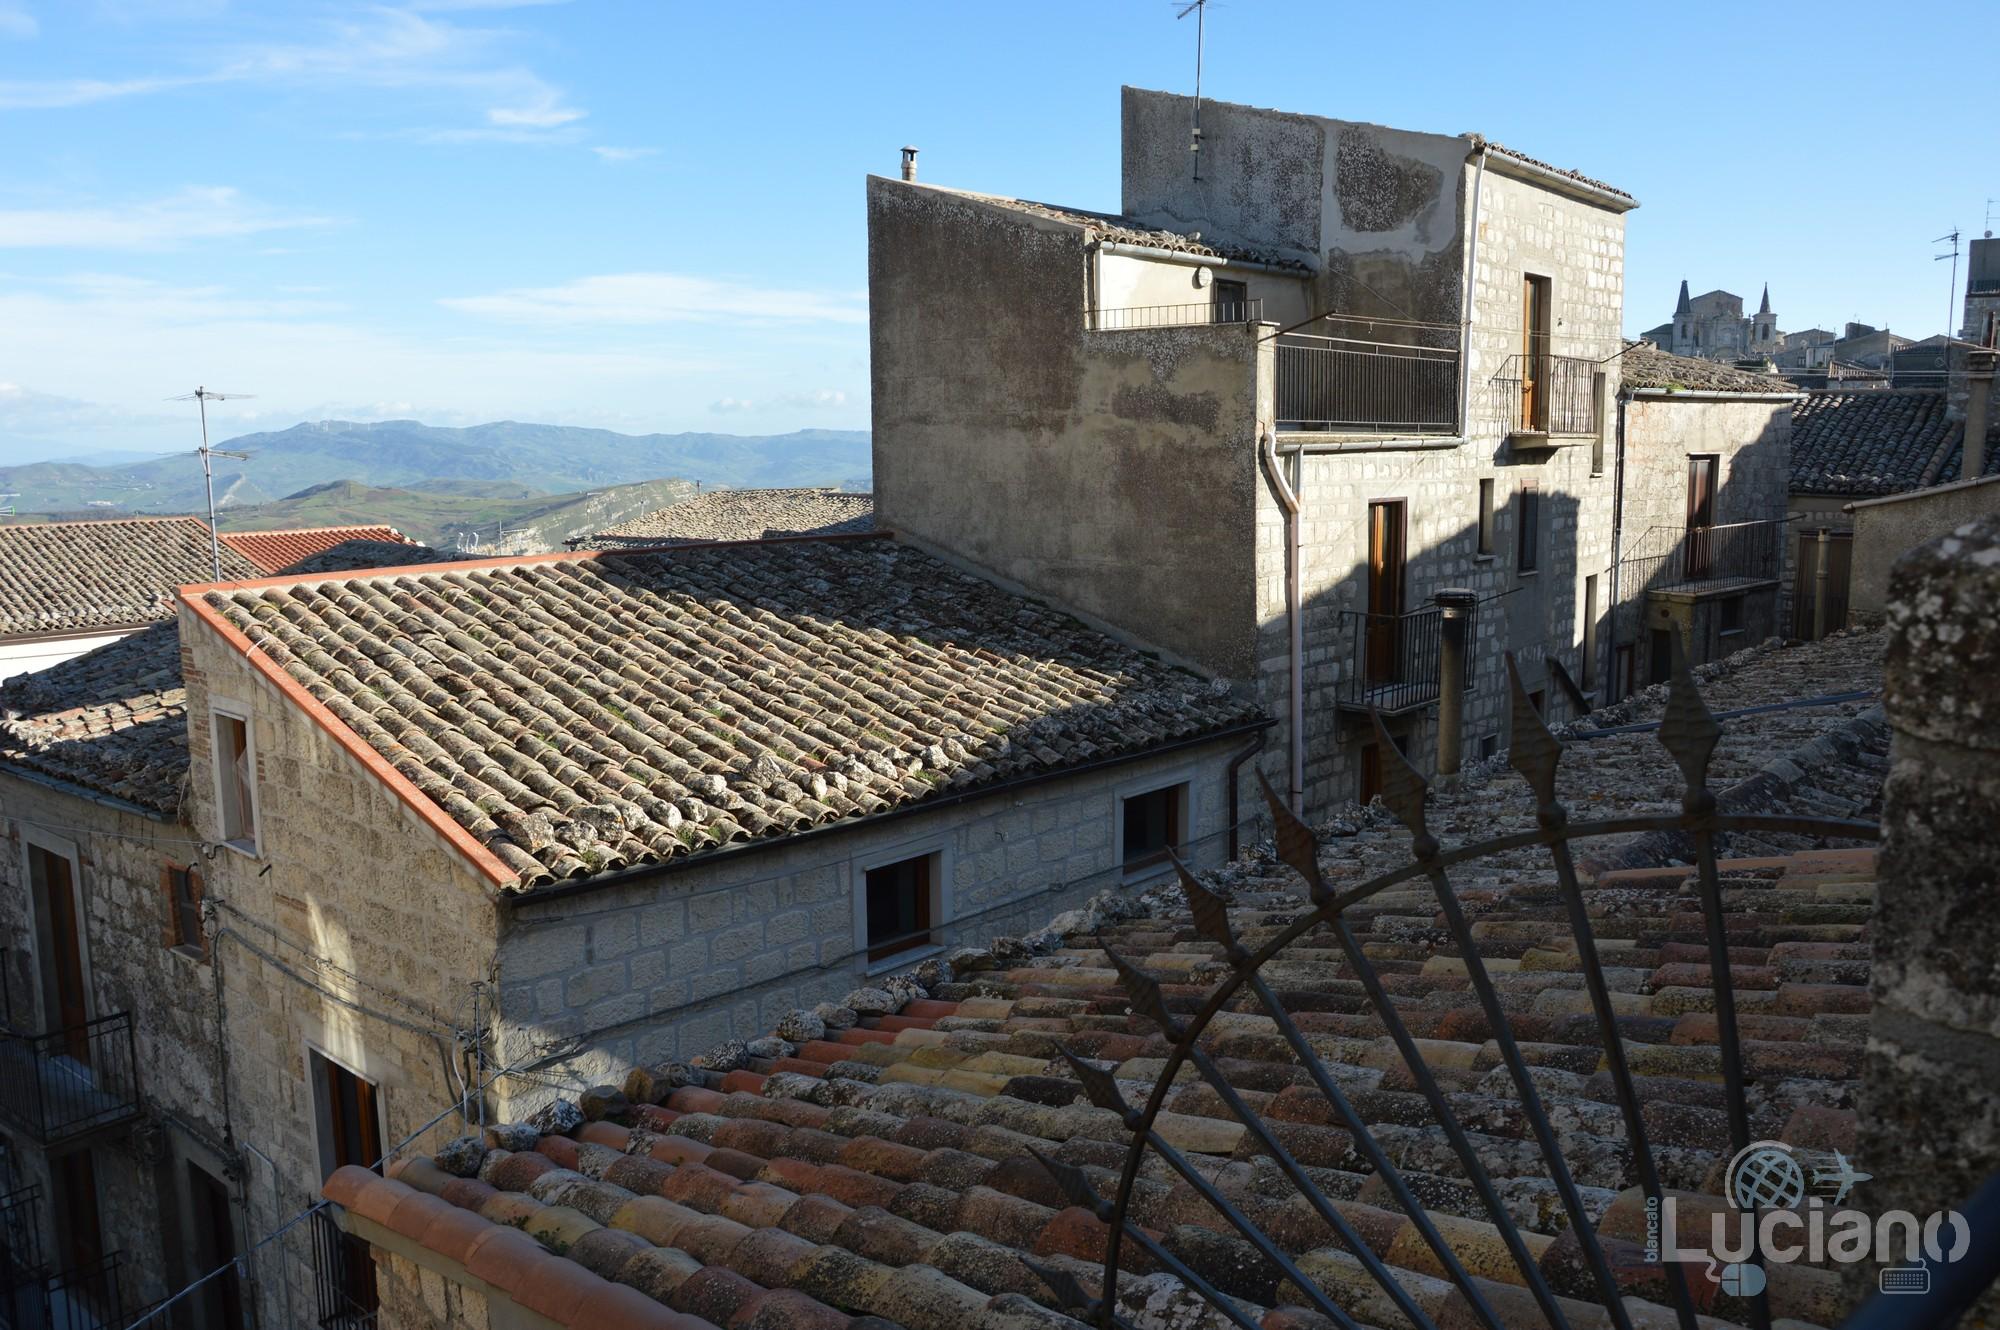 In giro per i borghi di Petralia Soprana - Palermo -  I Borghi più belli d'Italia - Borgo più bello d'Italia 2018